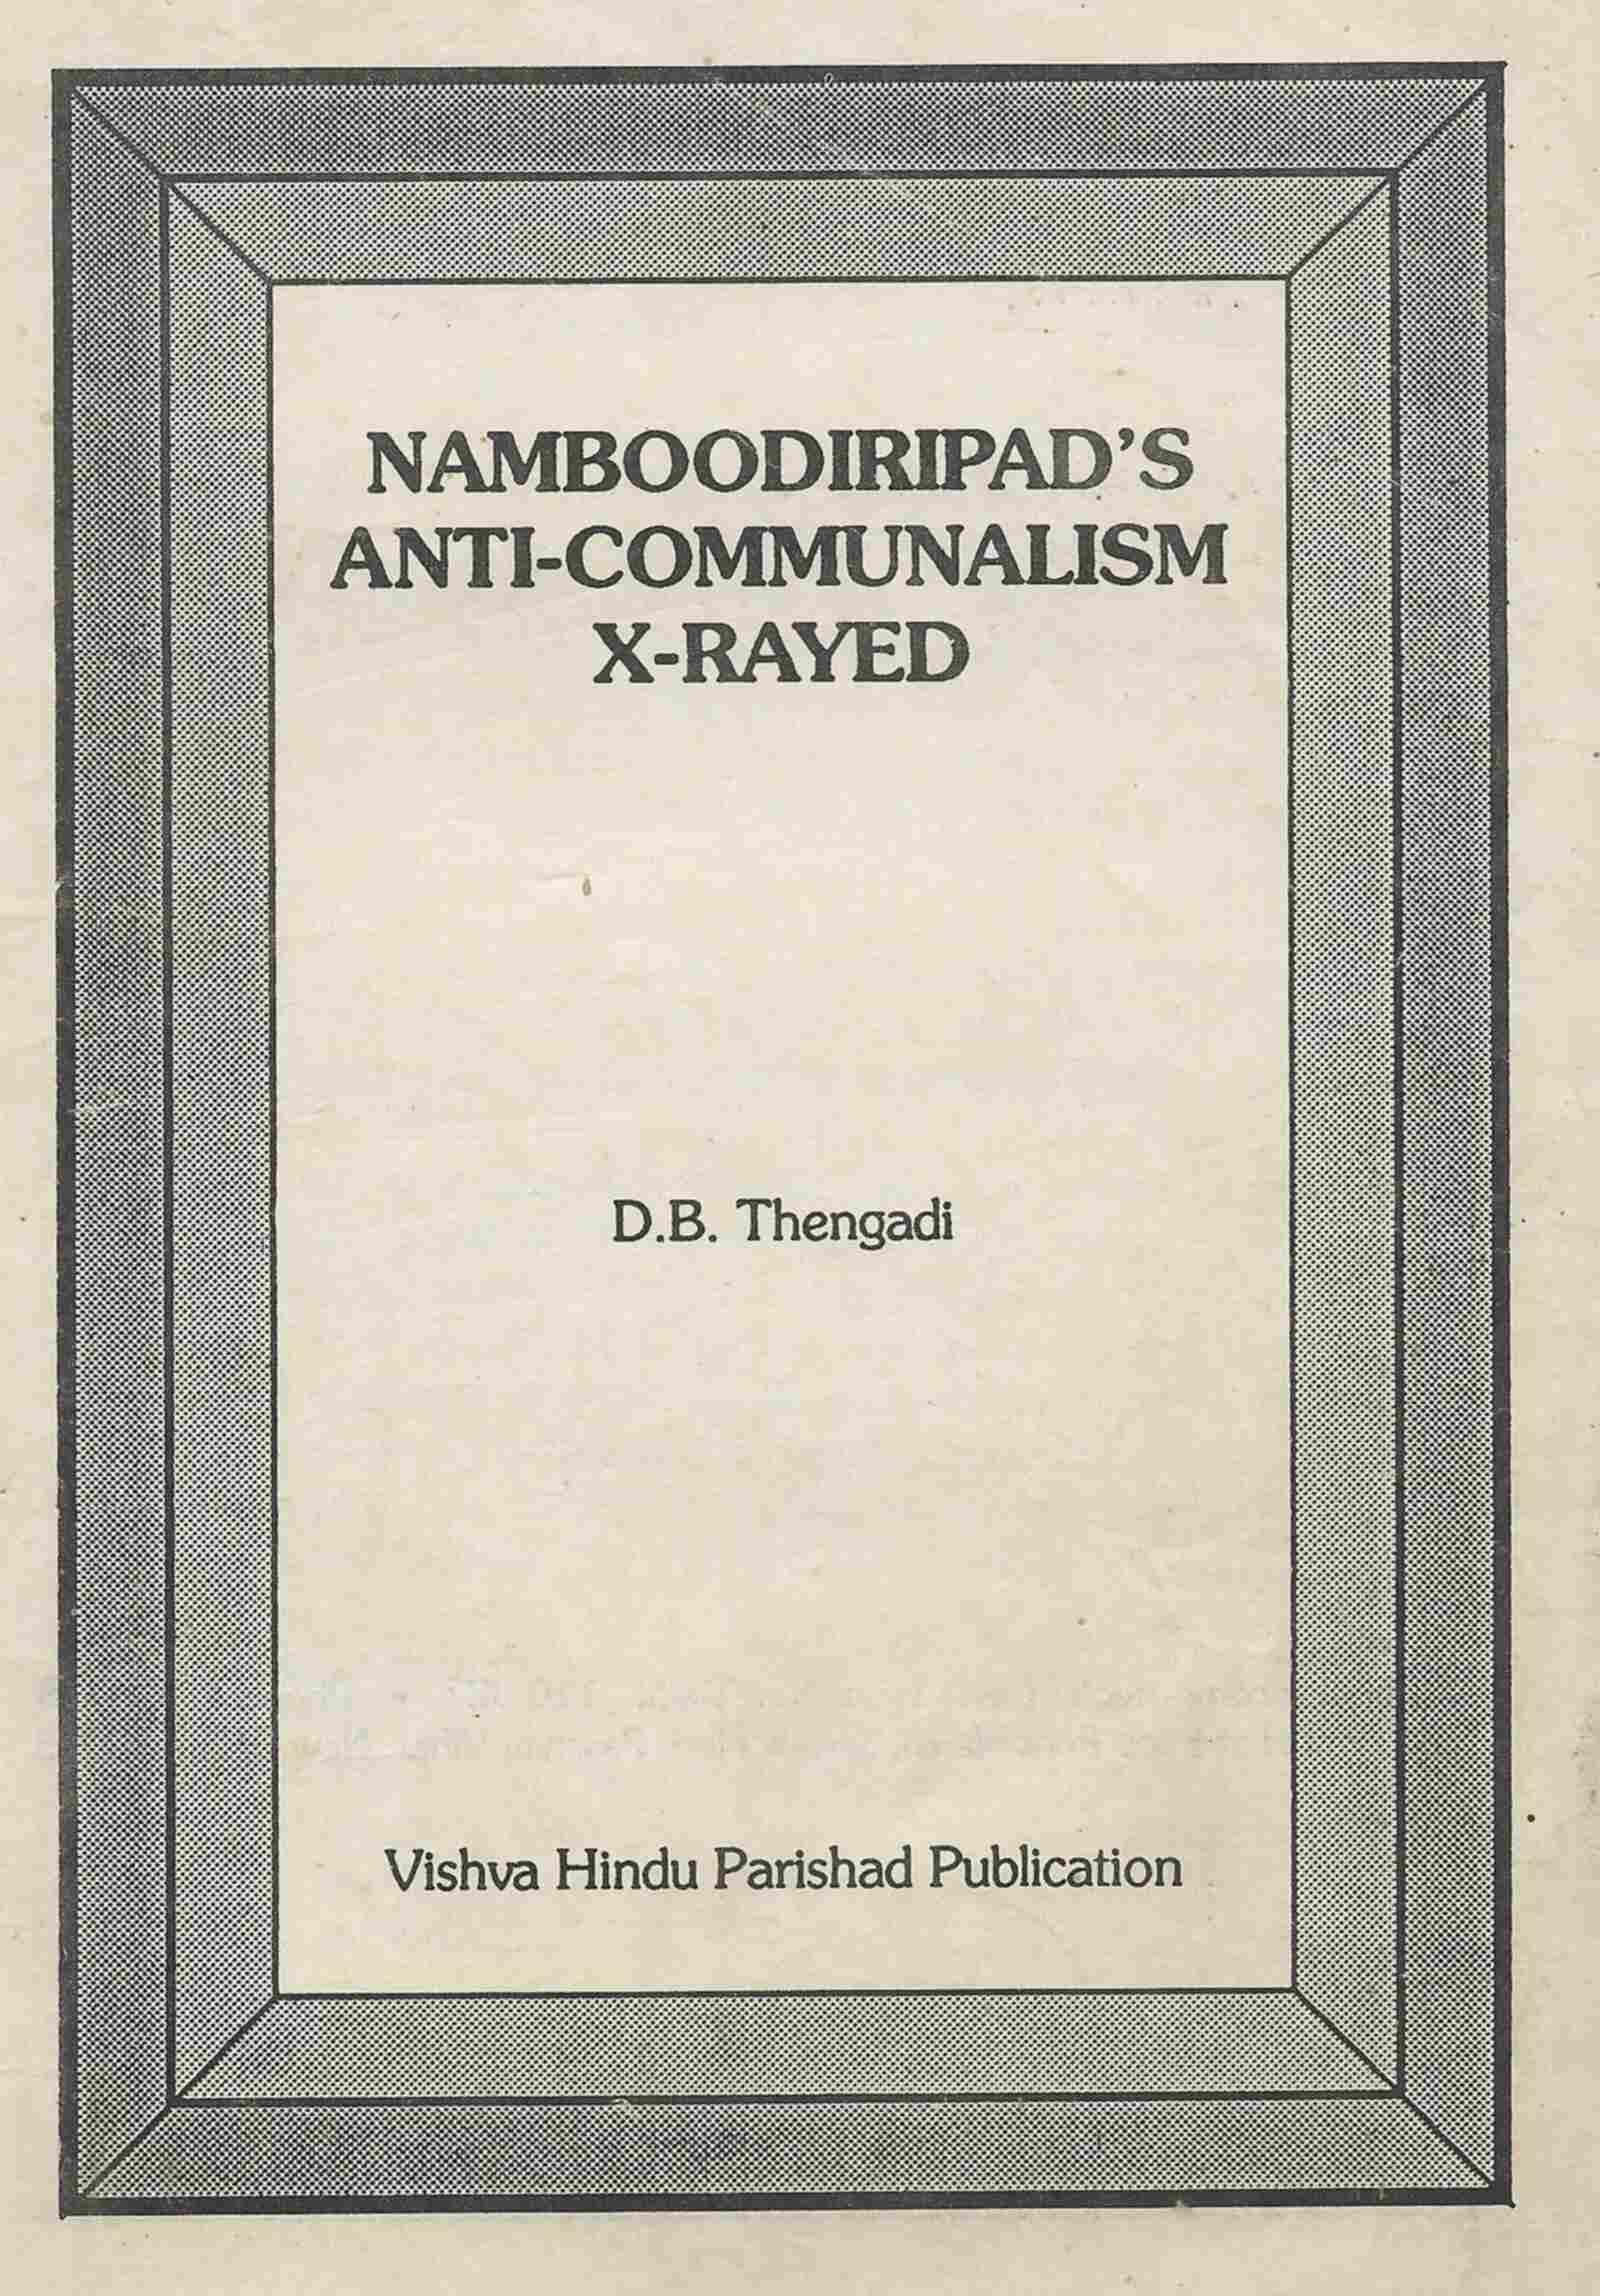 Namboodiripad's Anti-Communalism X-Rayed